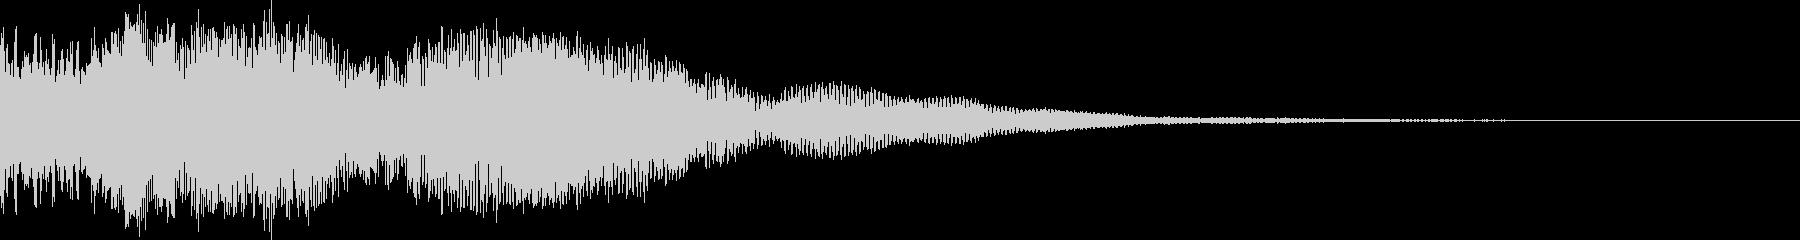 低音が響く爆発音です。の未再生の波形